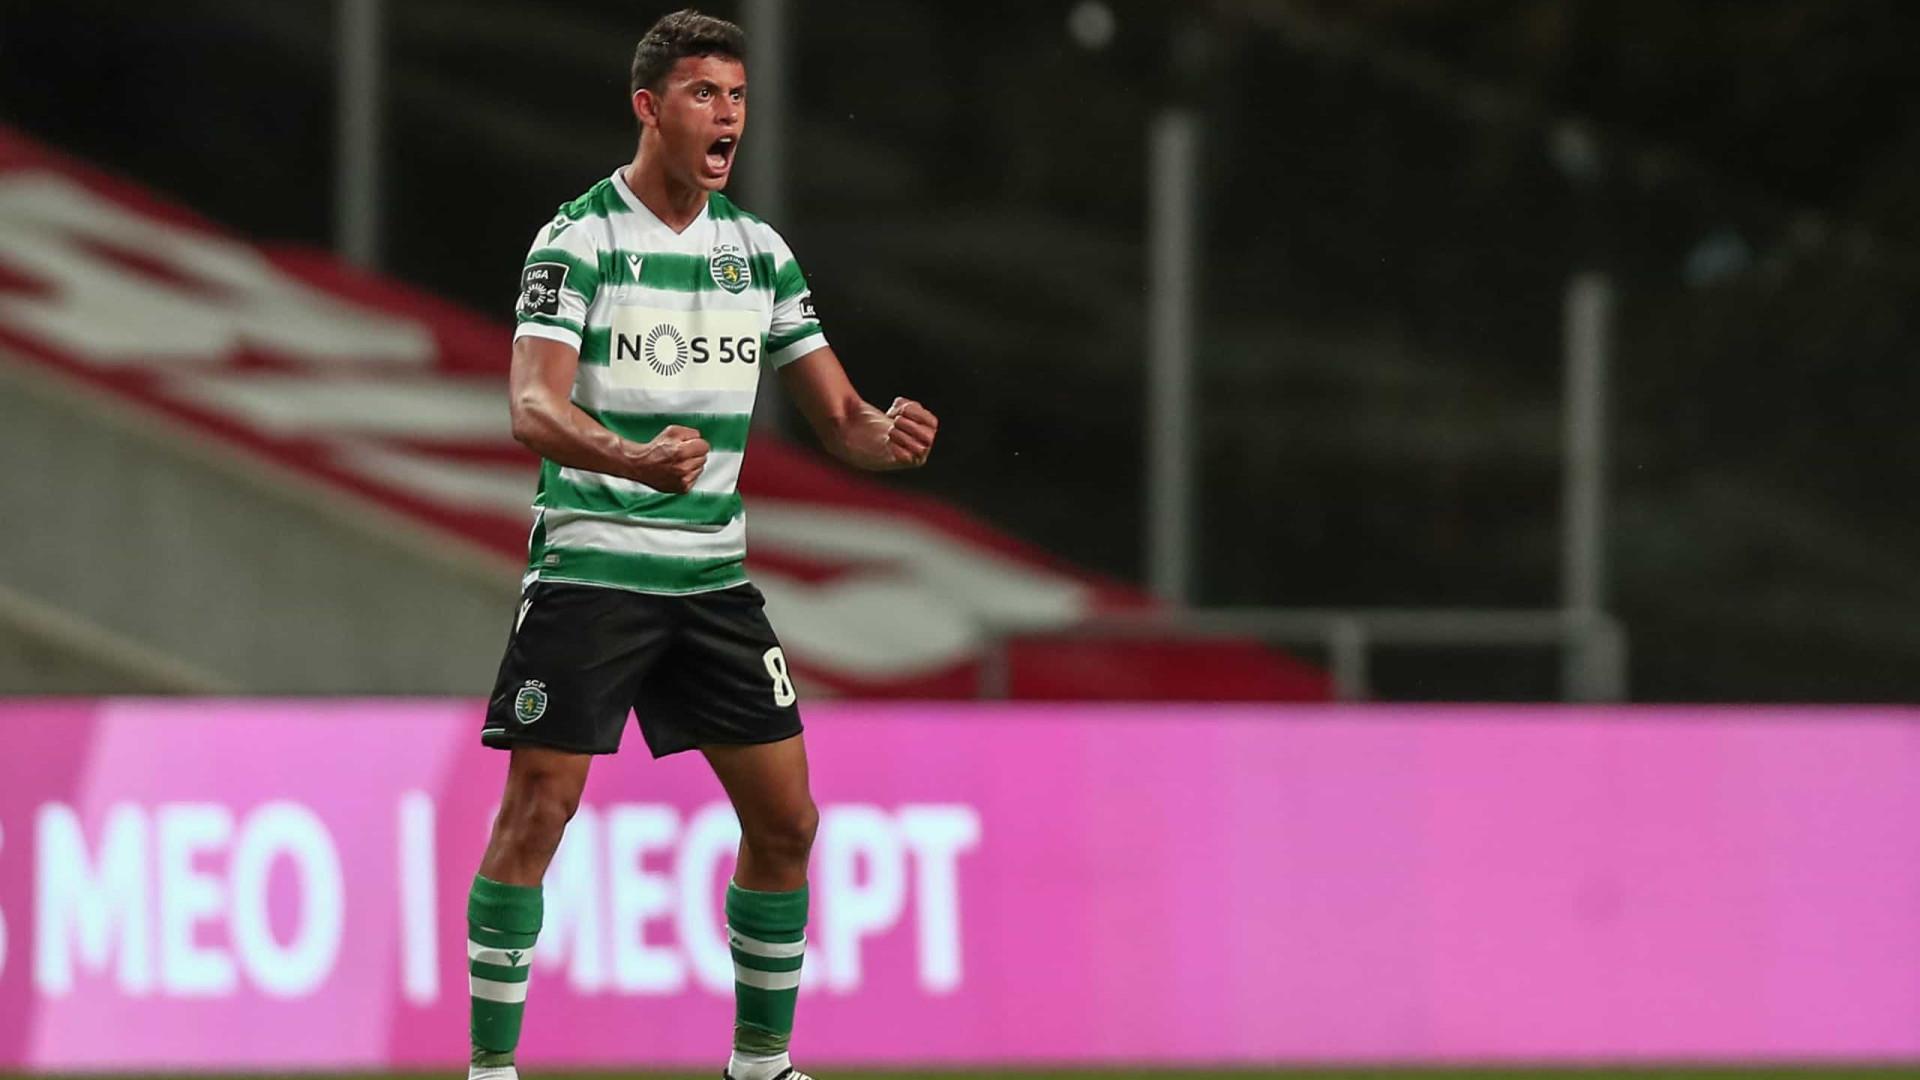 Oficial: Sporting renova com Matheus Nunes